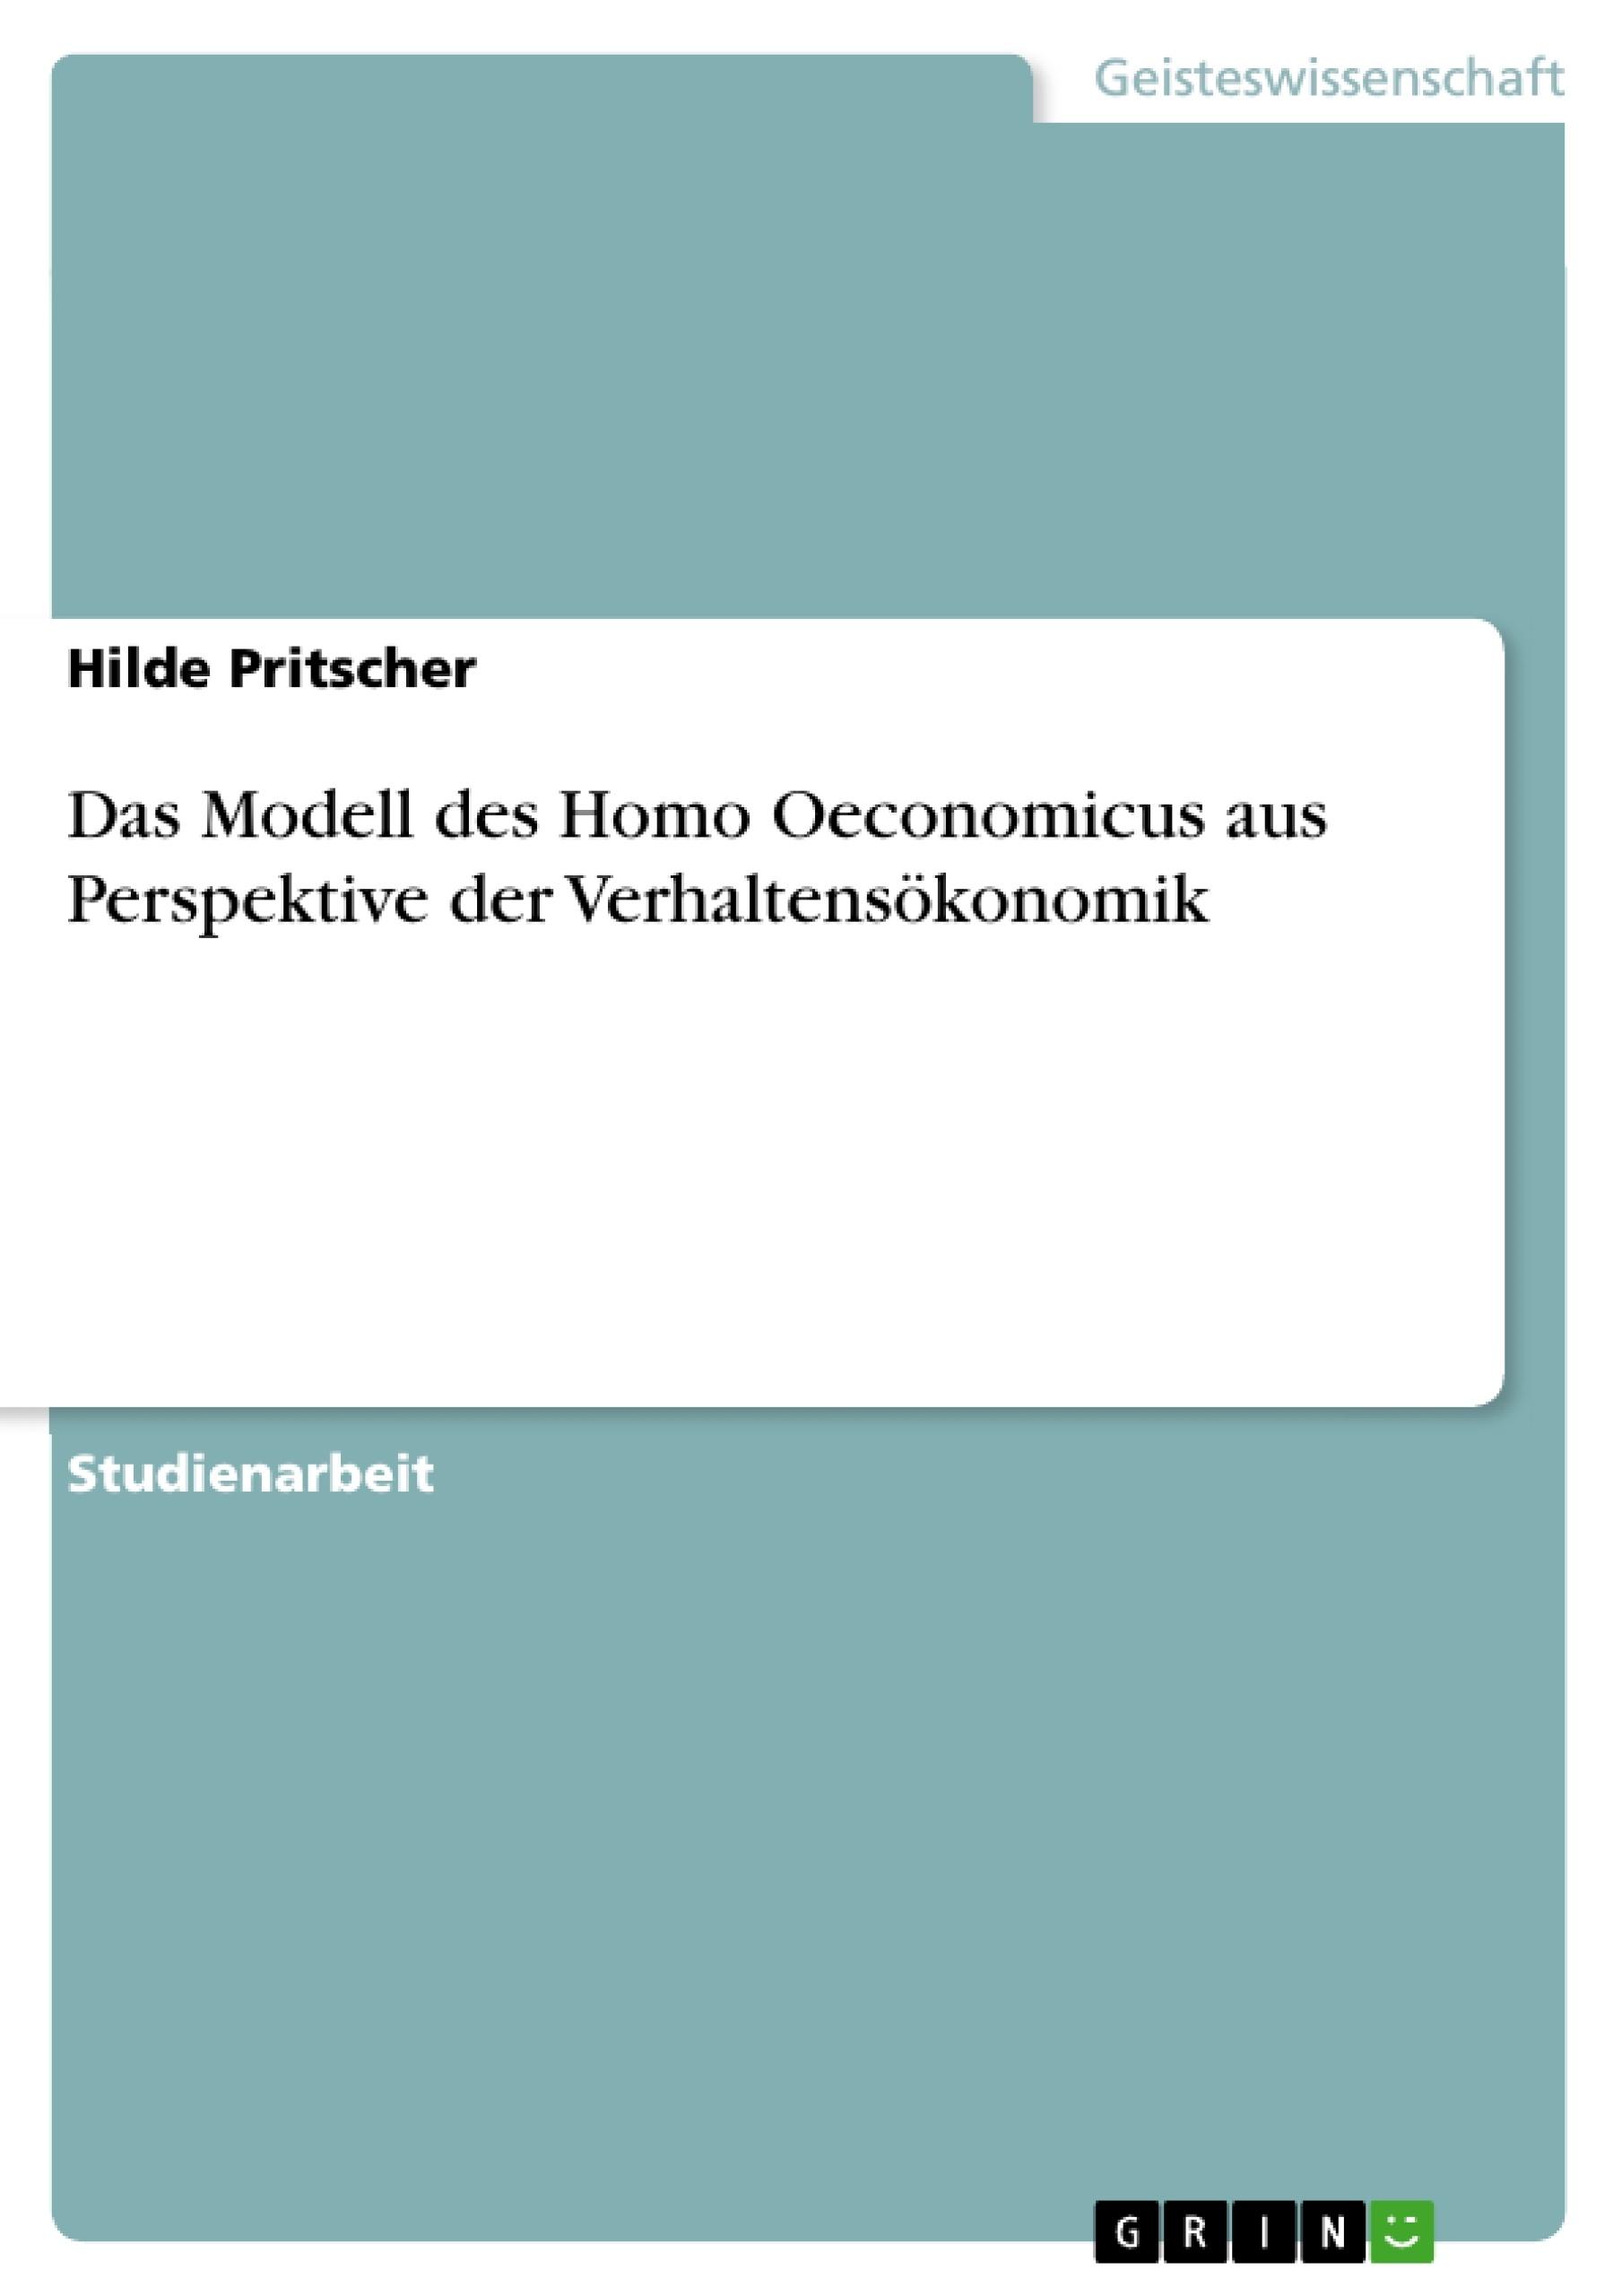 Titel: Das Modell des Homo Oeconomicus aus Perspektive der Verhaltensökonomik